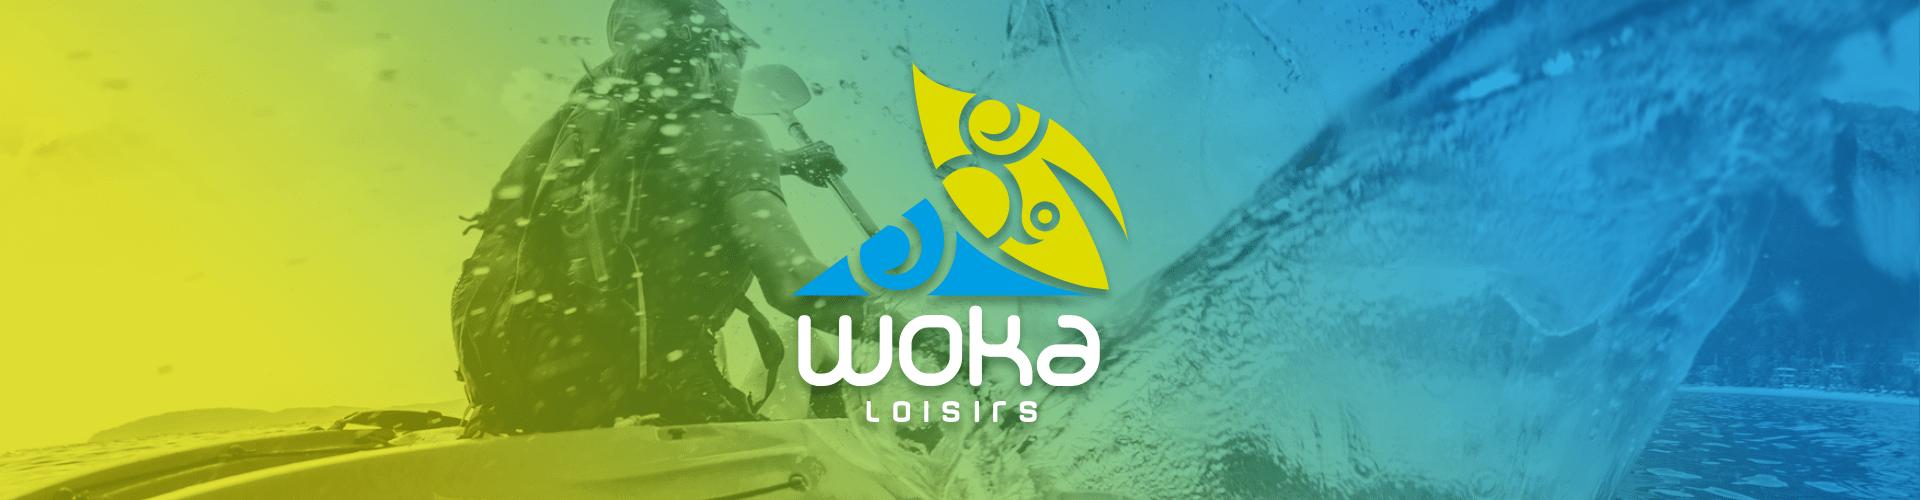 Woka loisirs - Offices de tourisme